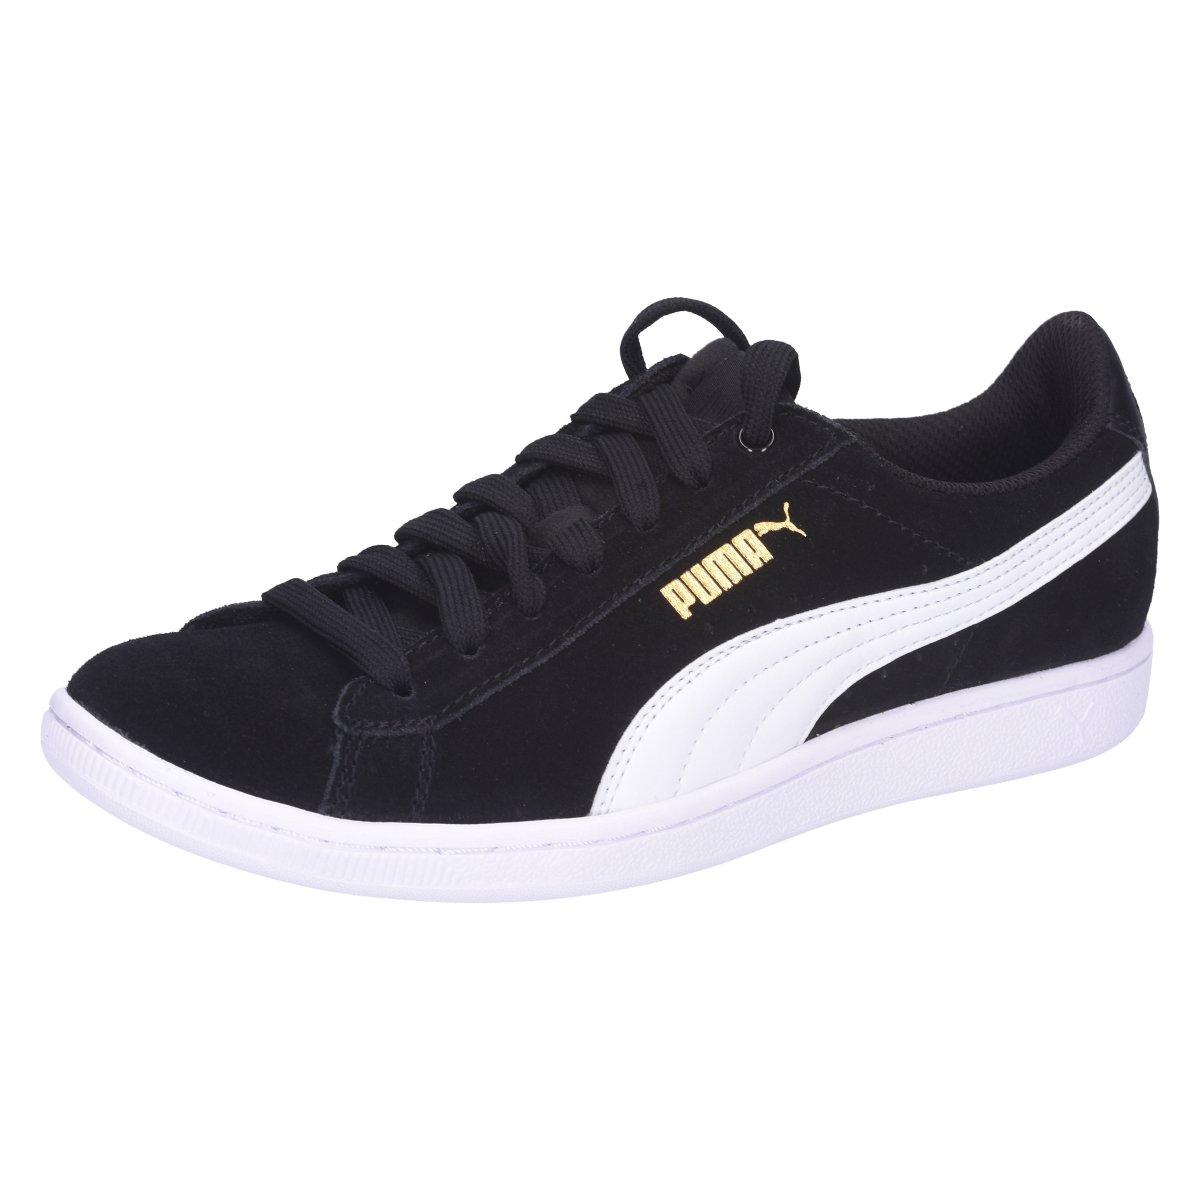 NEU Puma Damen Sneaker Training  Vikky 362624 22 schwarz 342516